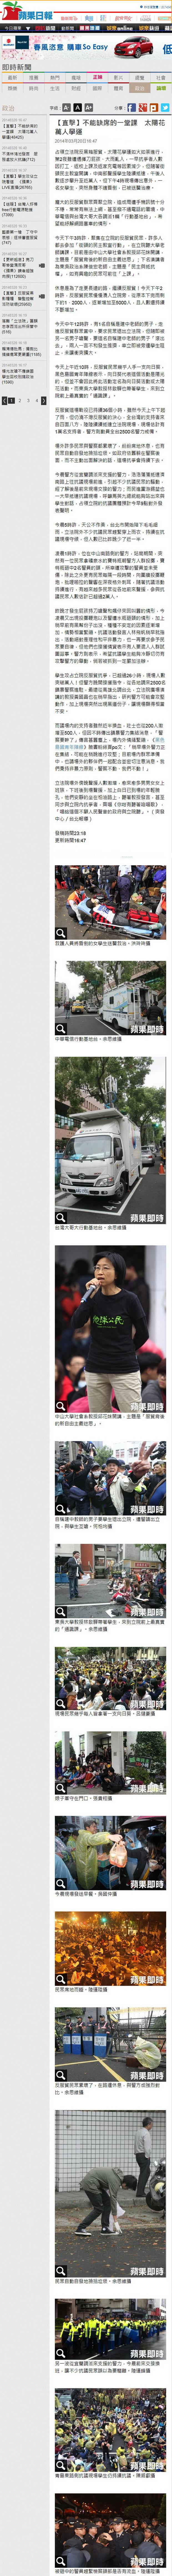 【直擊】不能缺席的一堂課太陽花萬人學運 -2014.03.20.jpg